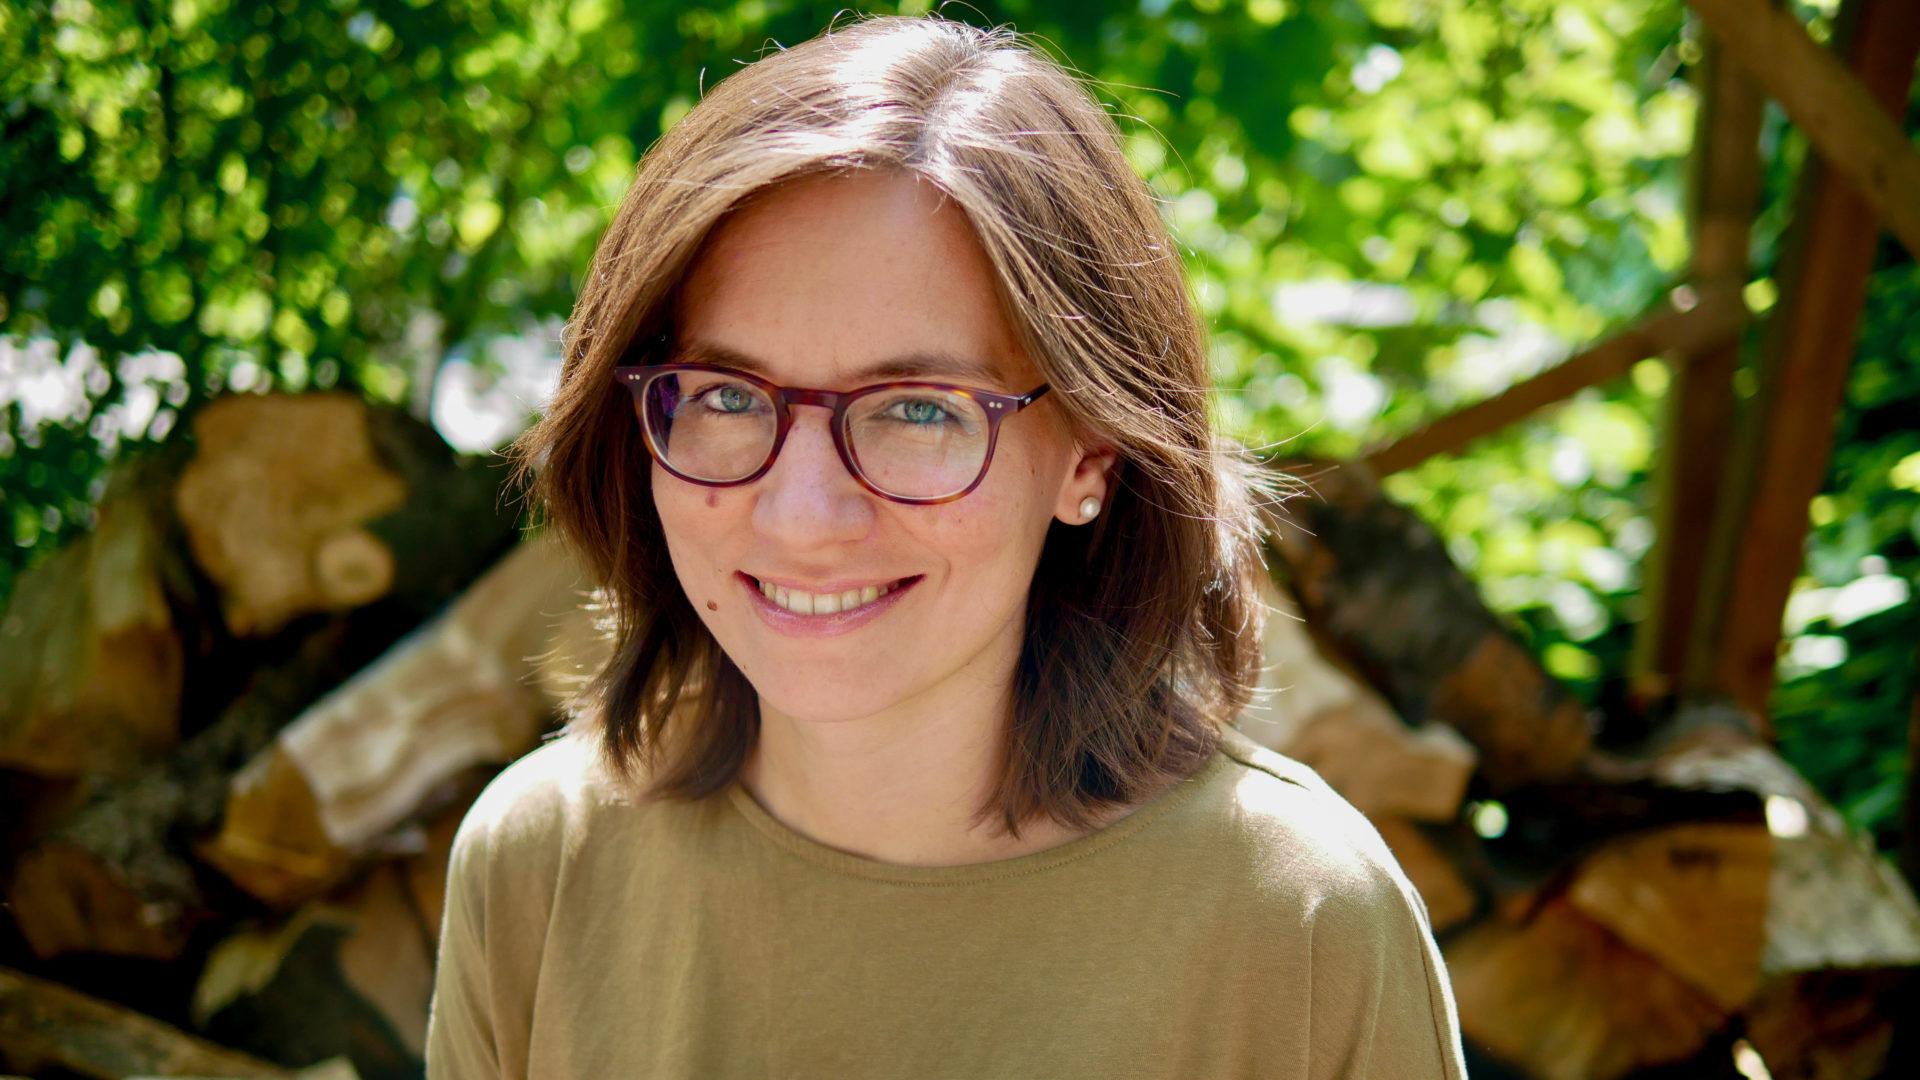 Frau mit braunen Haaren und Brille lächelt in die Kamera